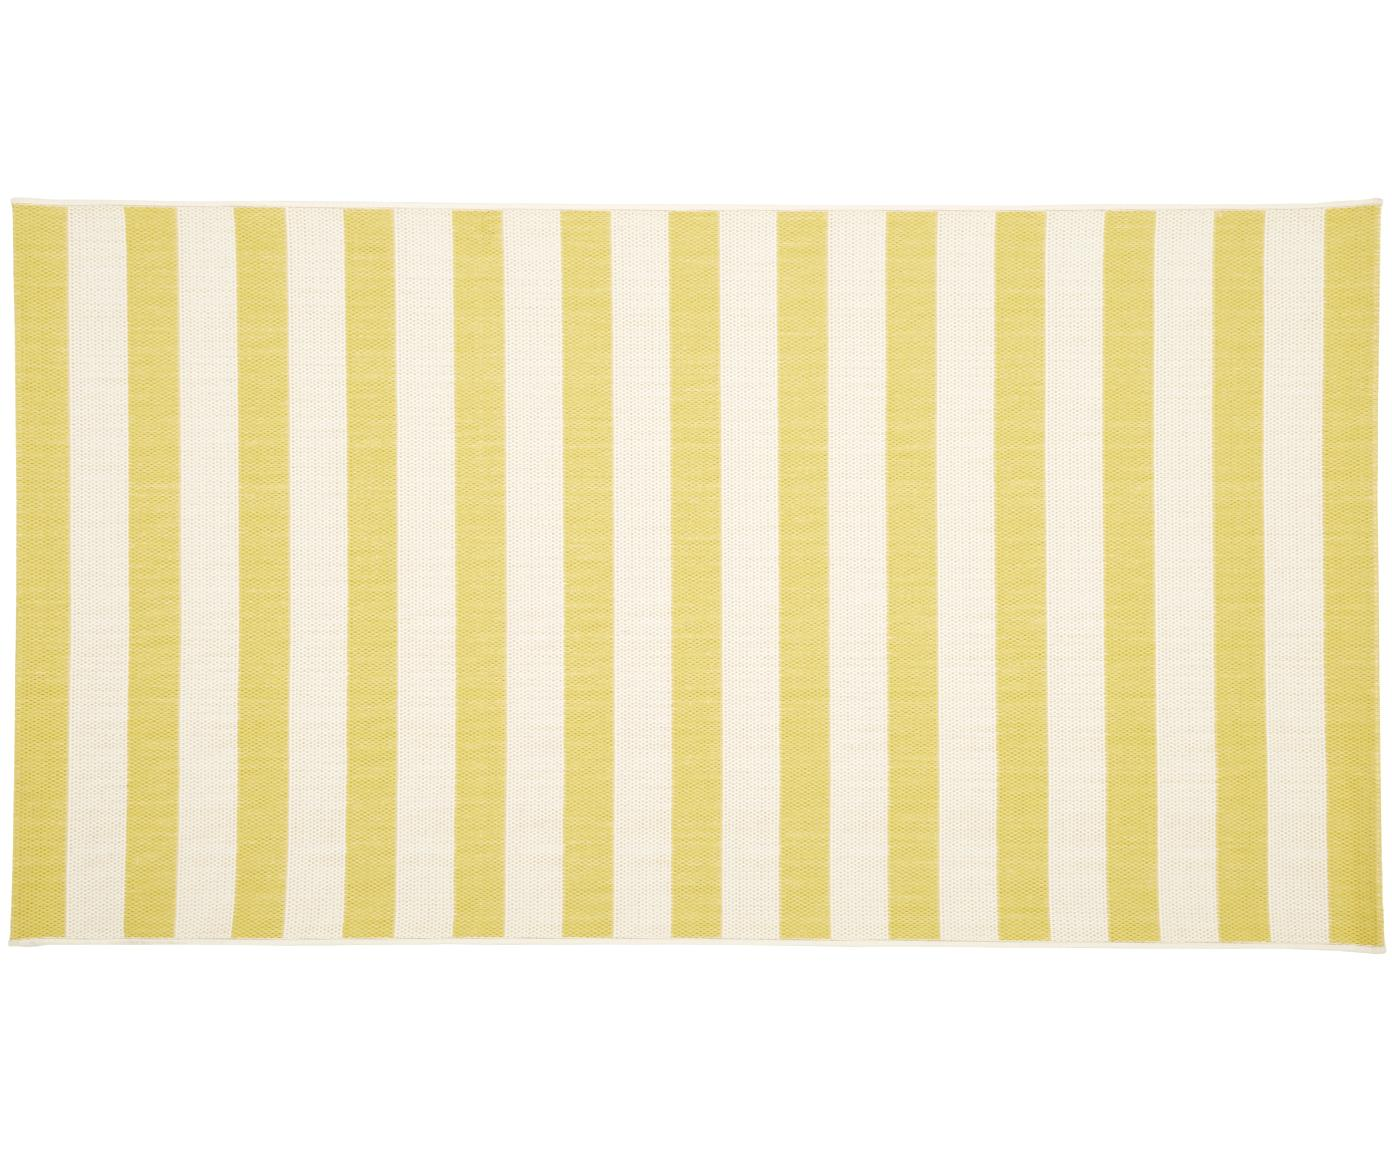 Dywan wewnętrzny/zewnętrzny Axa, Kremowobiały, żółty, S 80 x D 150 cm (Rozmiar XS)